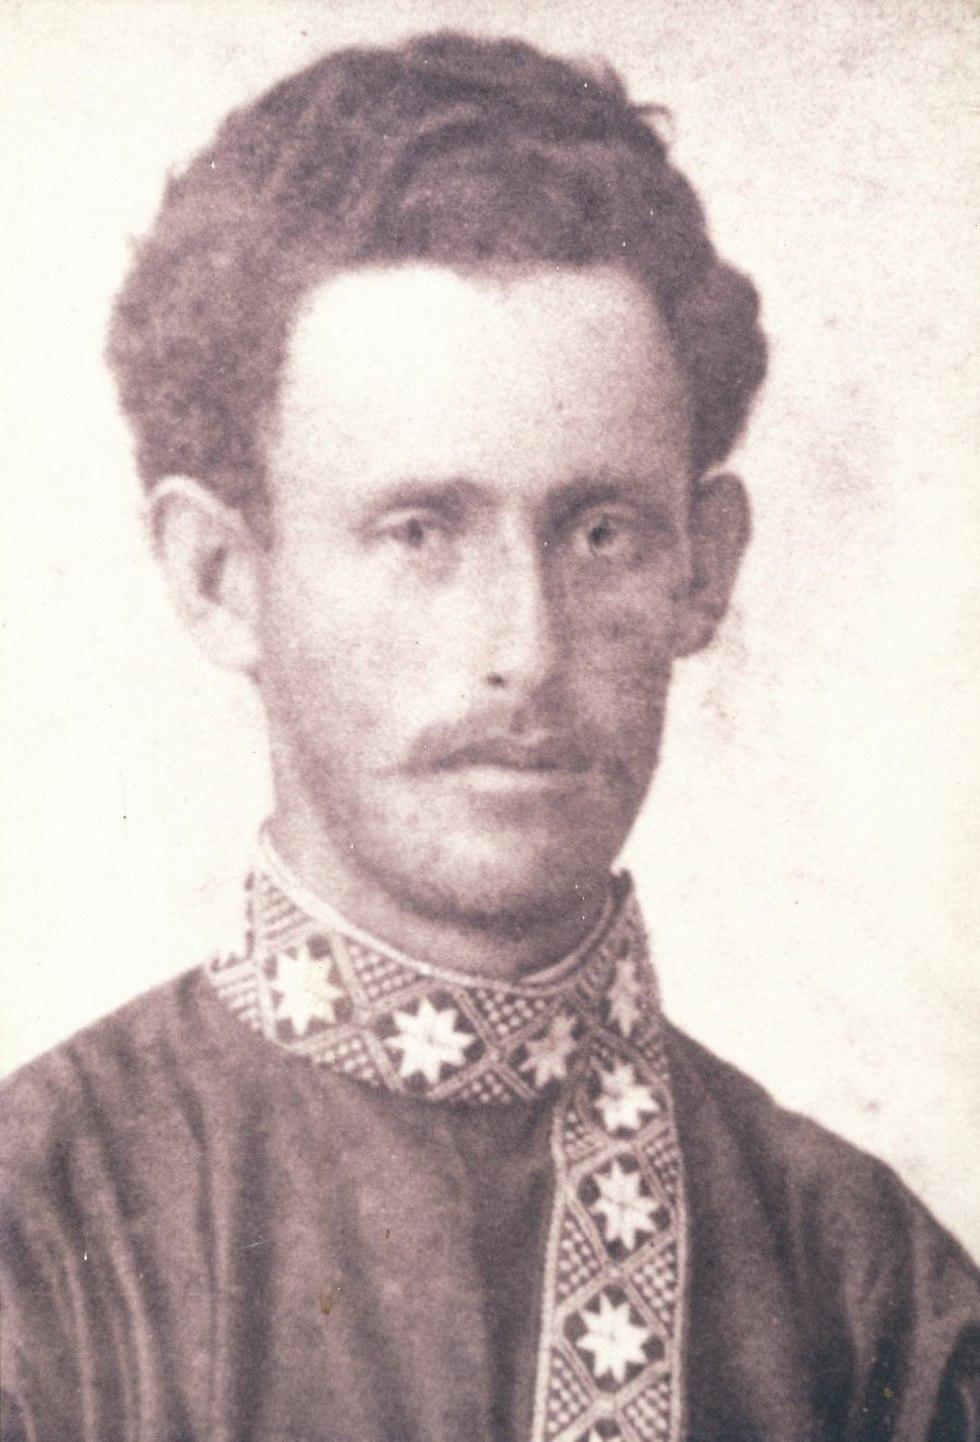 יוסף לואידור ()